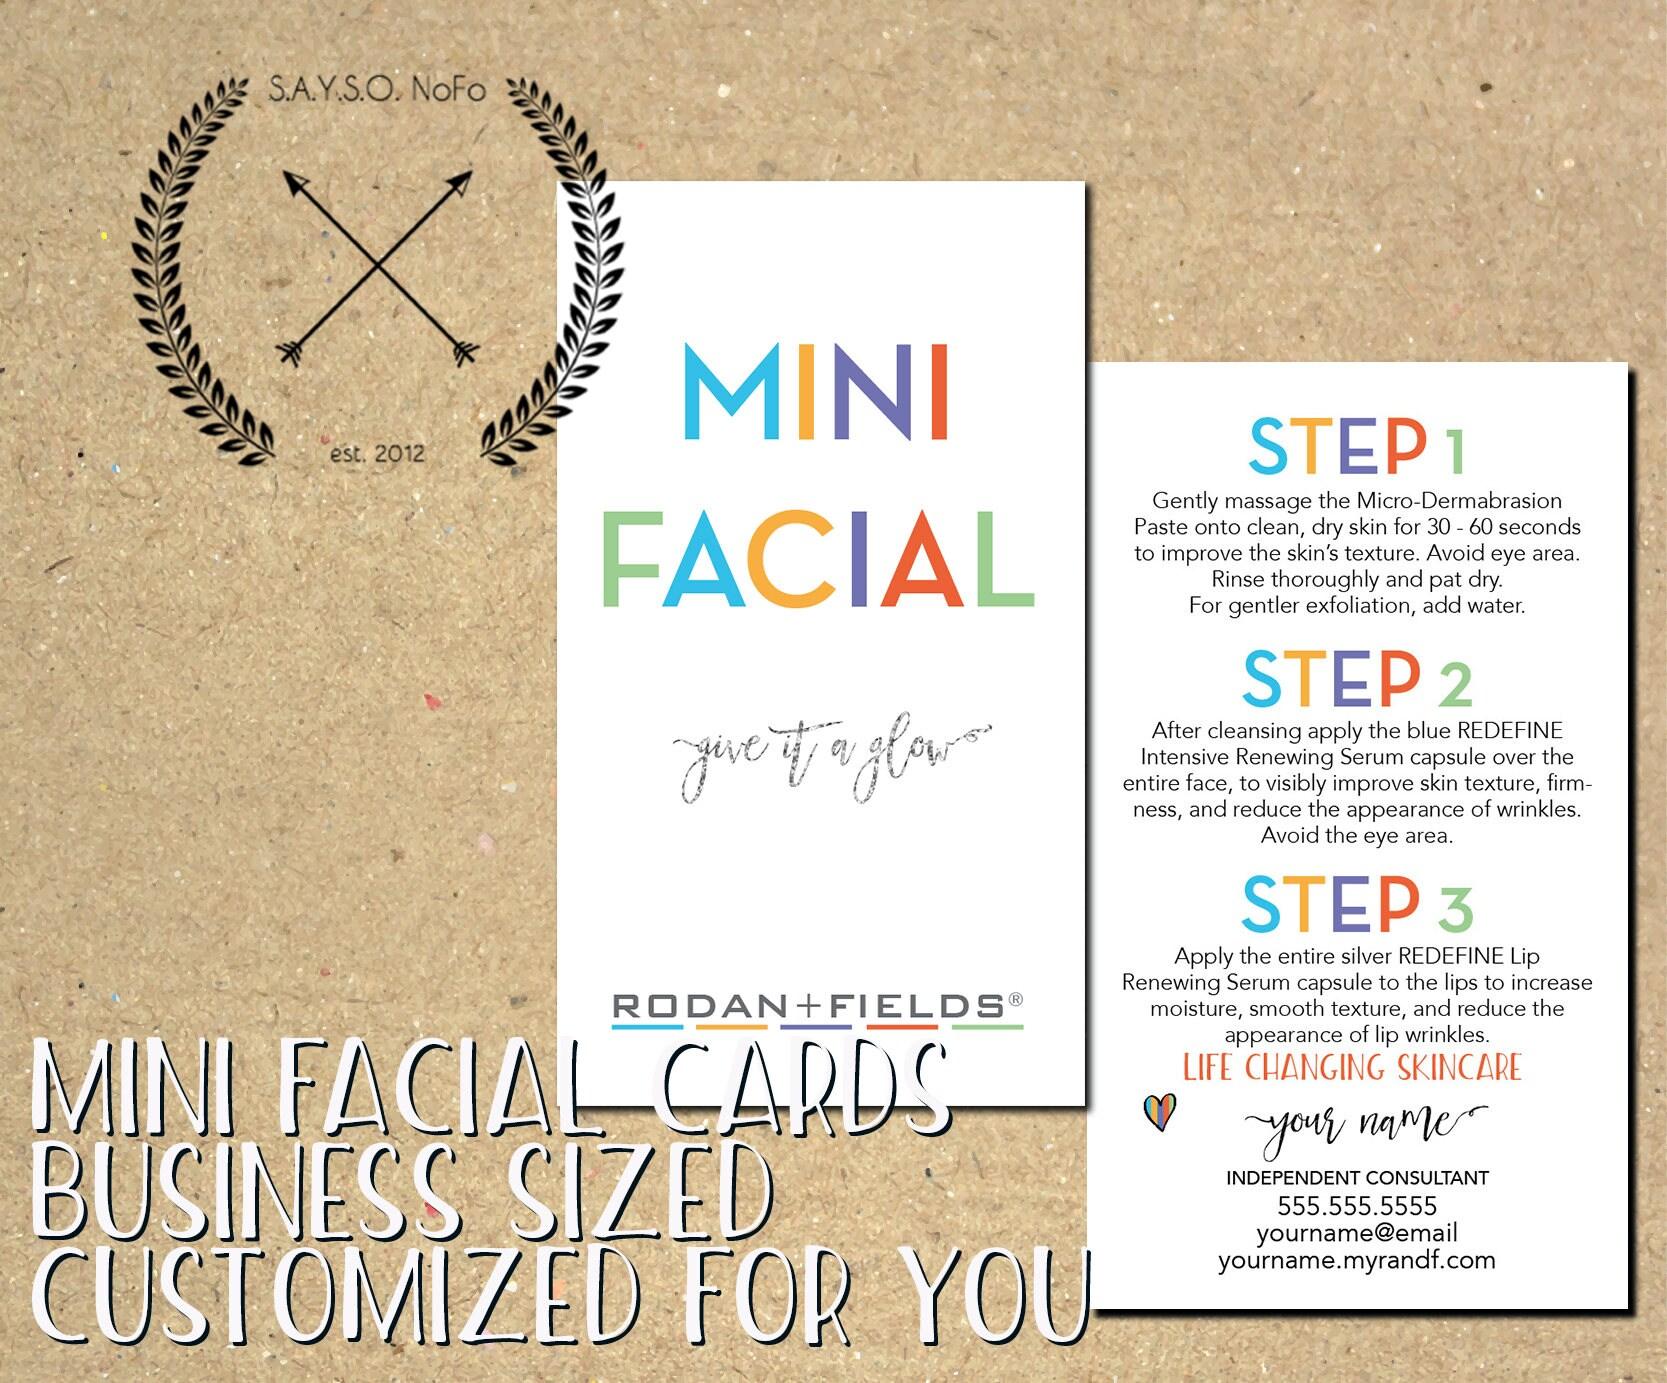 rodan fields custom mini facial cards business materials